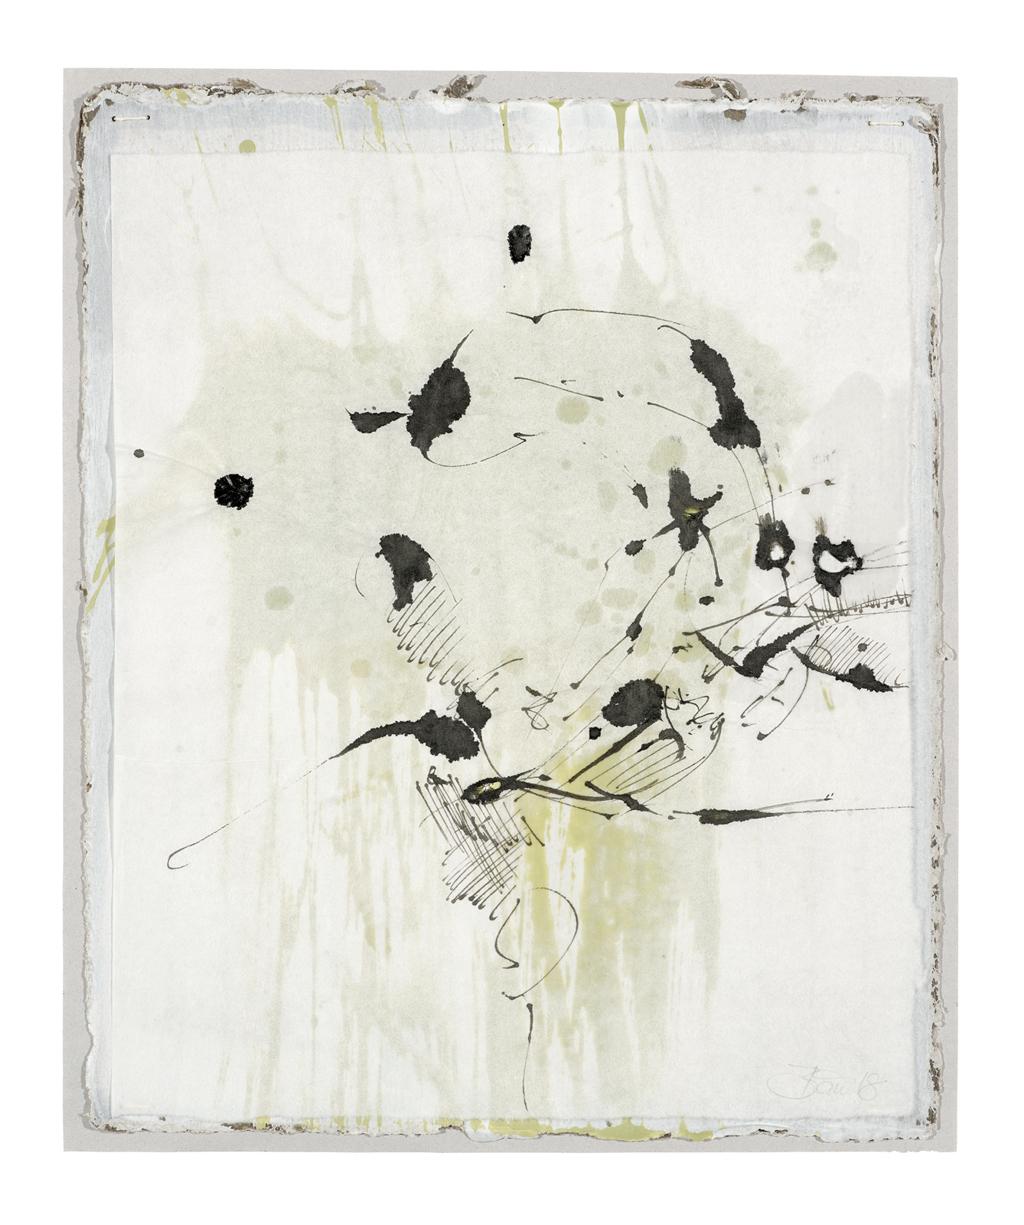 Die Dinge singen hör ich so gern IV | 2018, zweischichtige Papierarbeit, Schelllacktusche auf Japanpapier über Acryl und Gesso auf Pappe, 29 x 23 cm